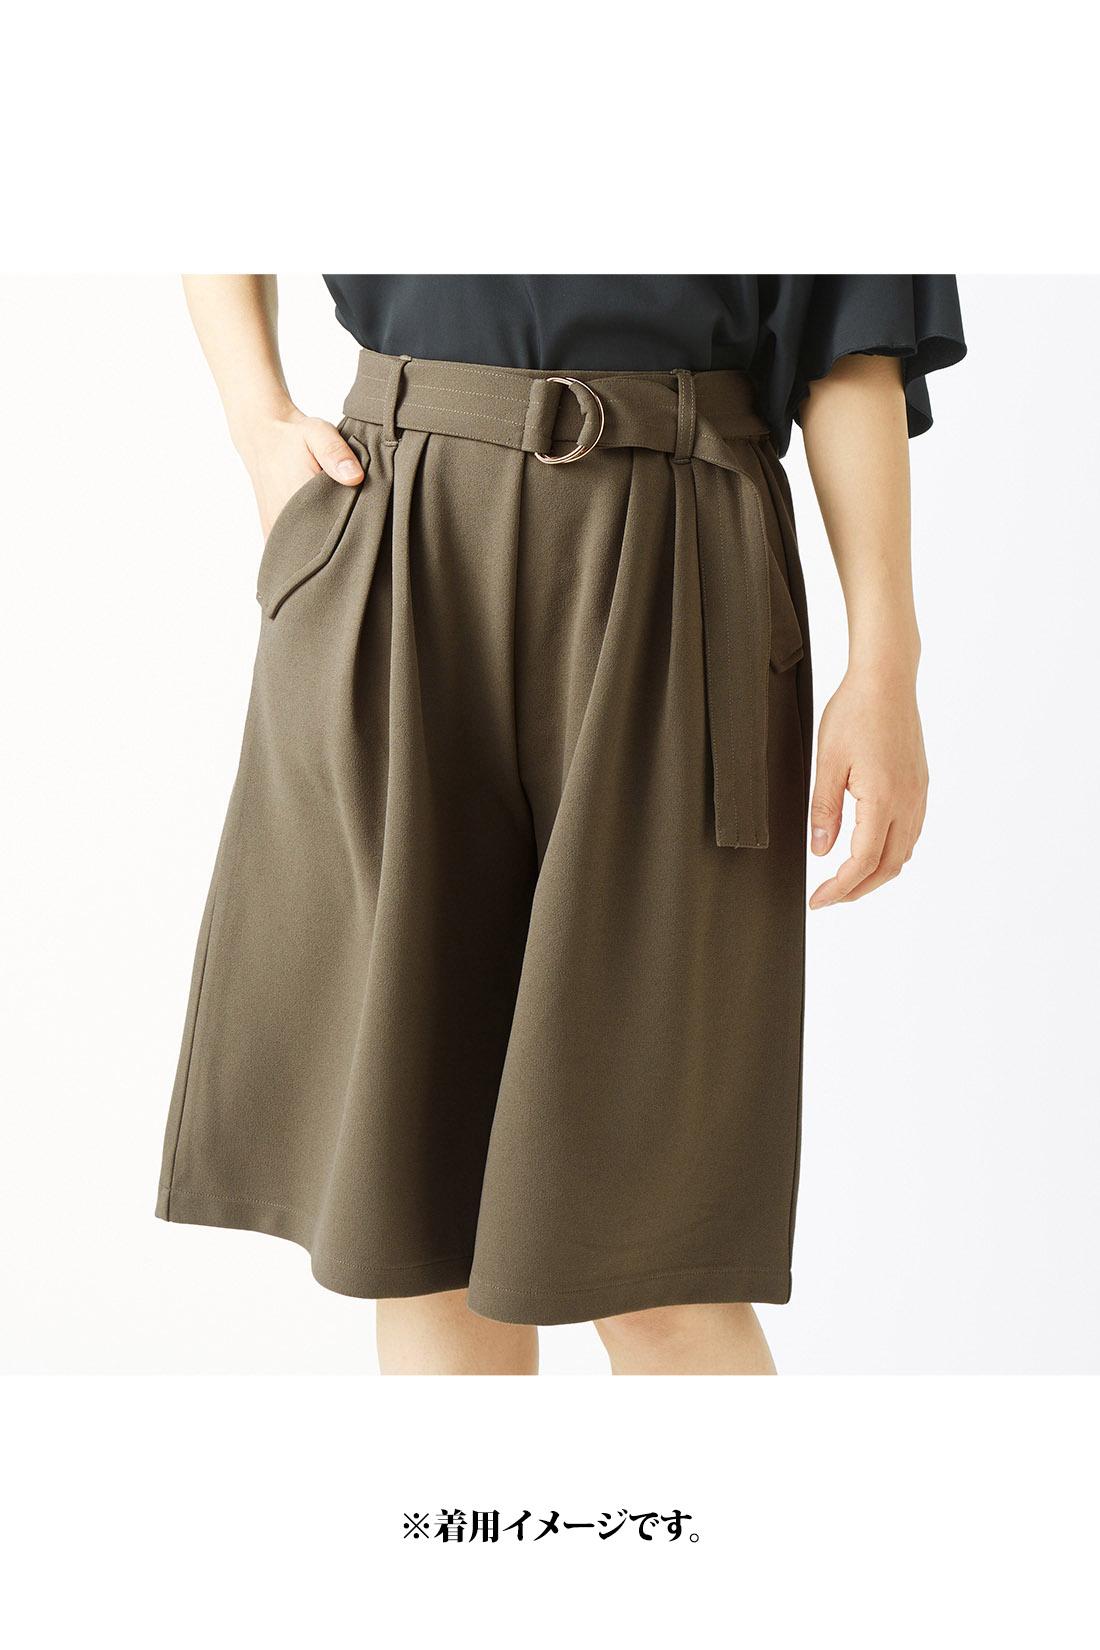 ウエストのタックとサイドの大きめポケットが、腰まわりをふんわりカバー。